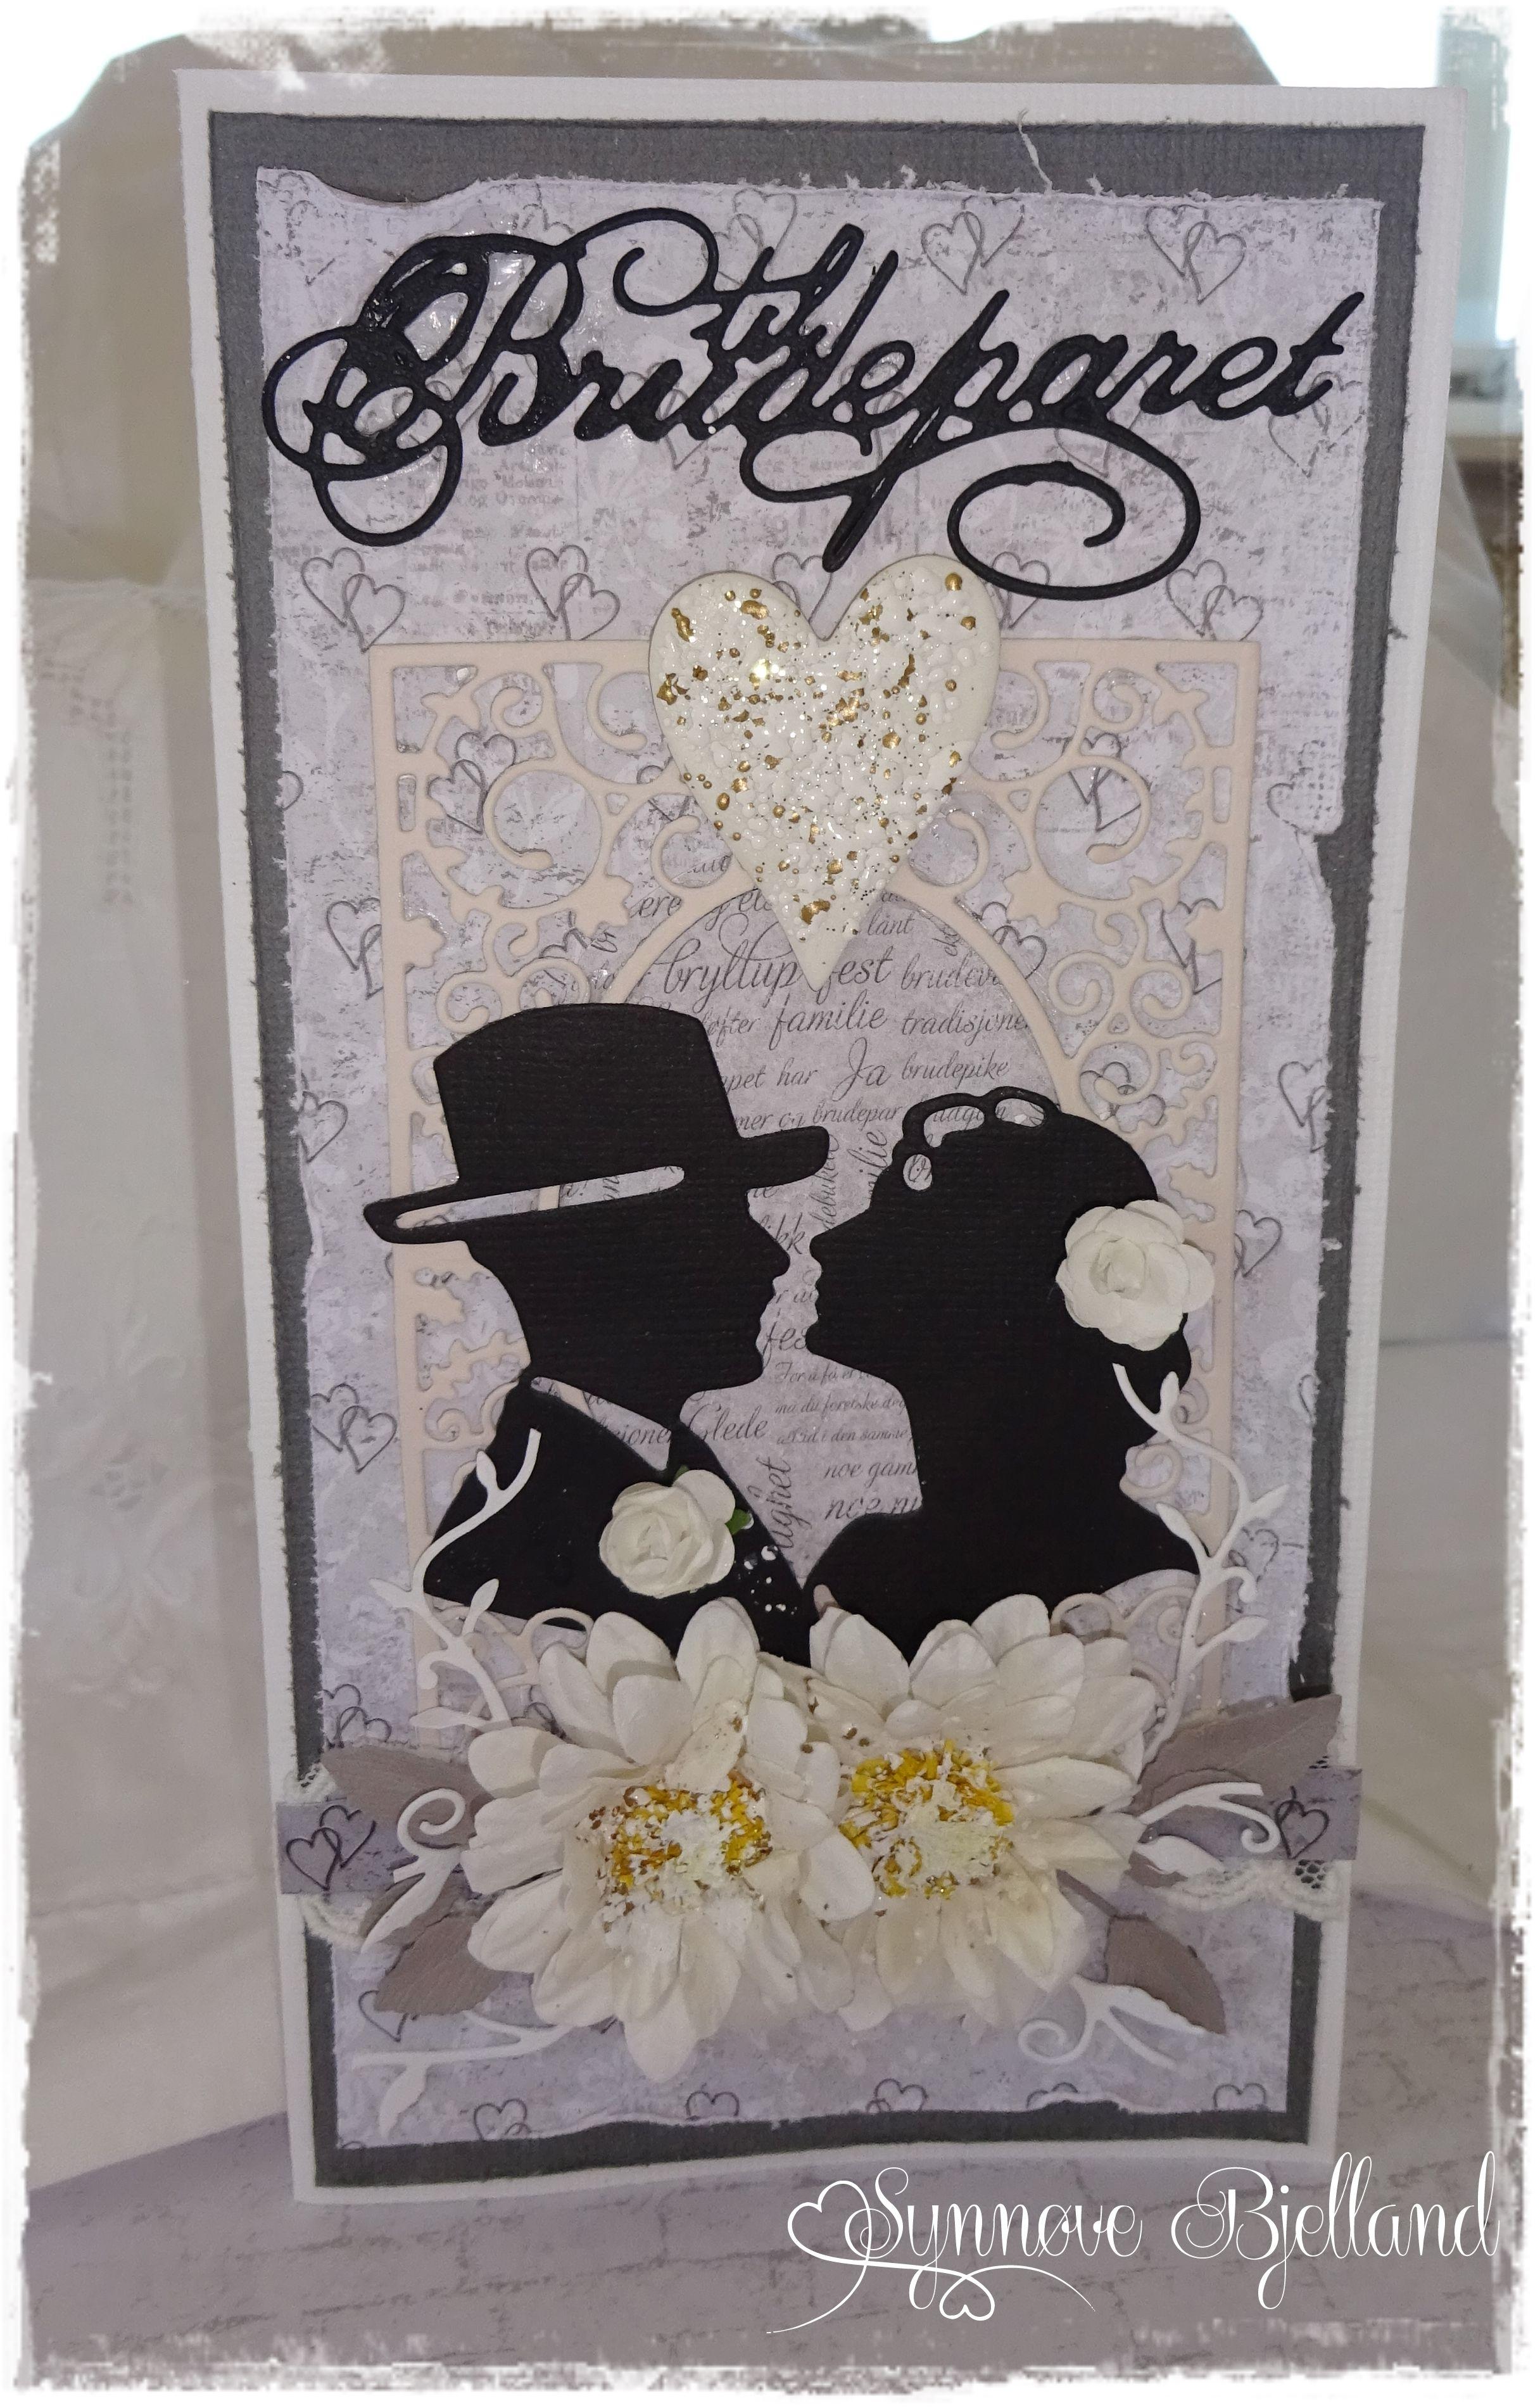 Bryllupskort - DT Papirdesign